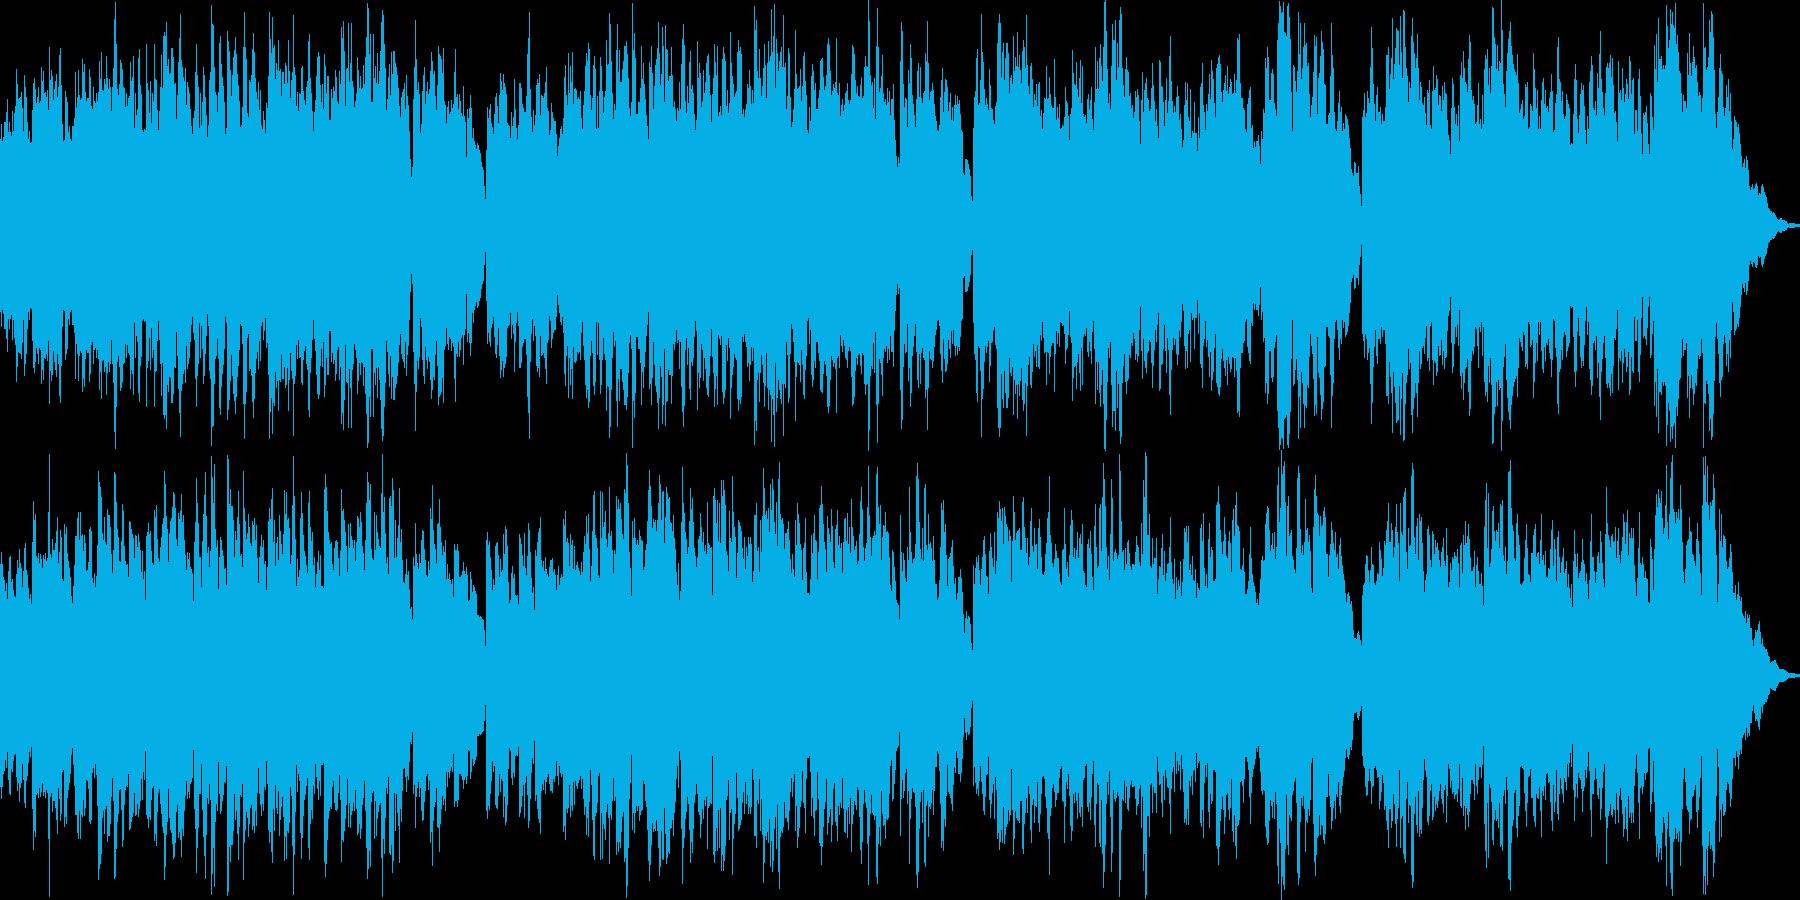 ソル作曲 6つのディヴェルティメントからの再生済みの波形